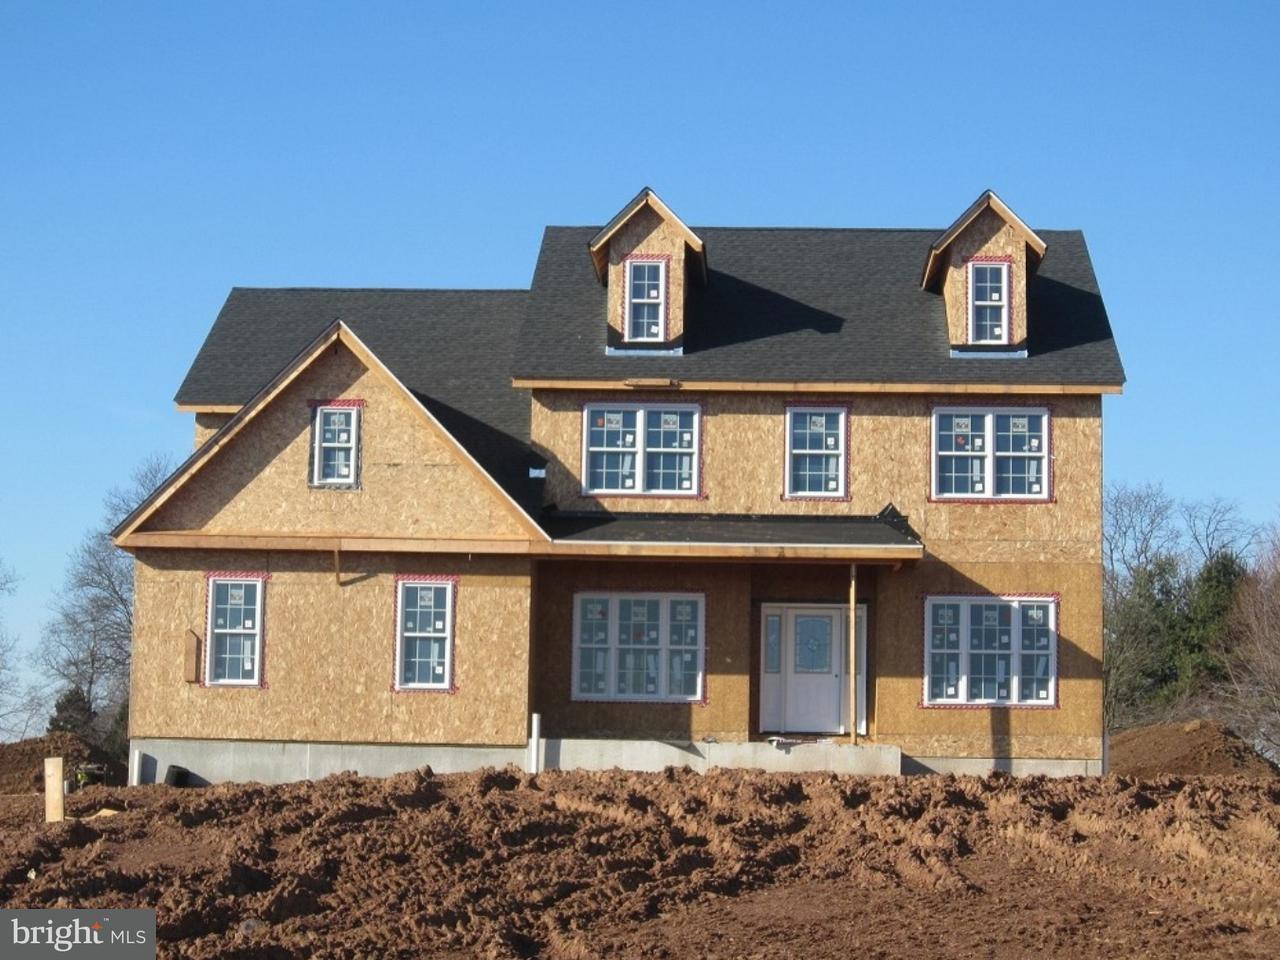 Maison unifamiliale pour l Vente à 21 BOSS Road Ringoes, New Jersey 08551 États-UnisDans/Autour: East Amwell Township